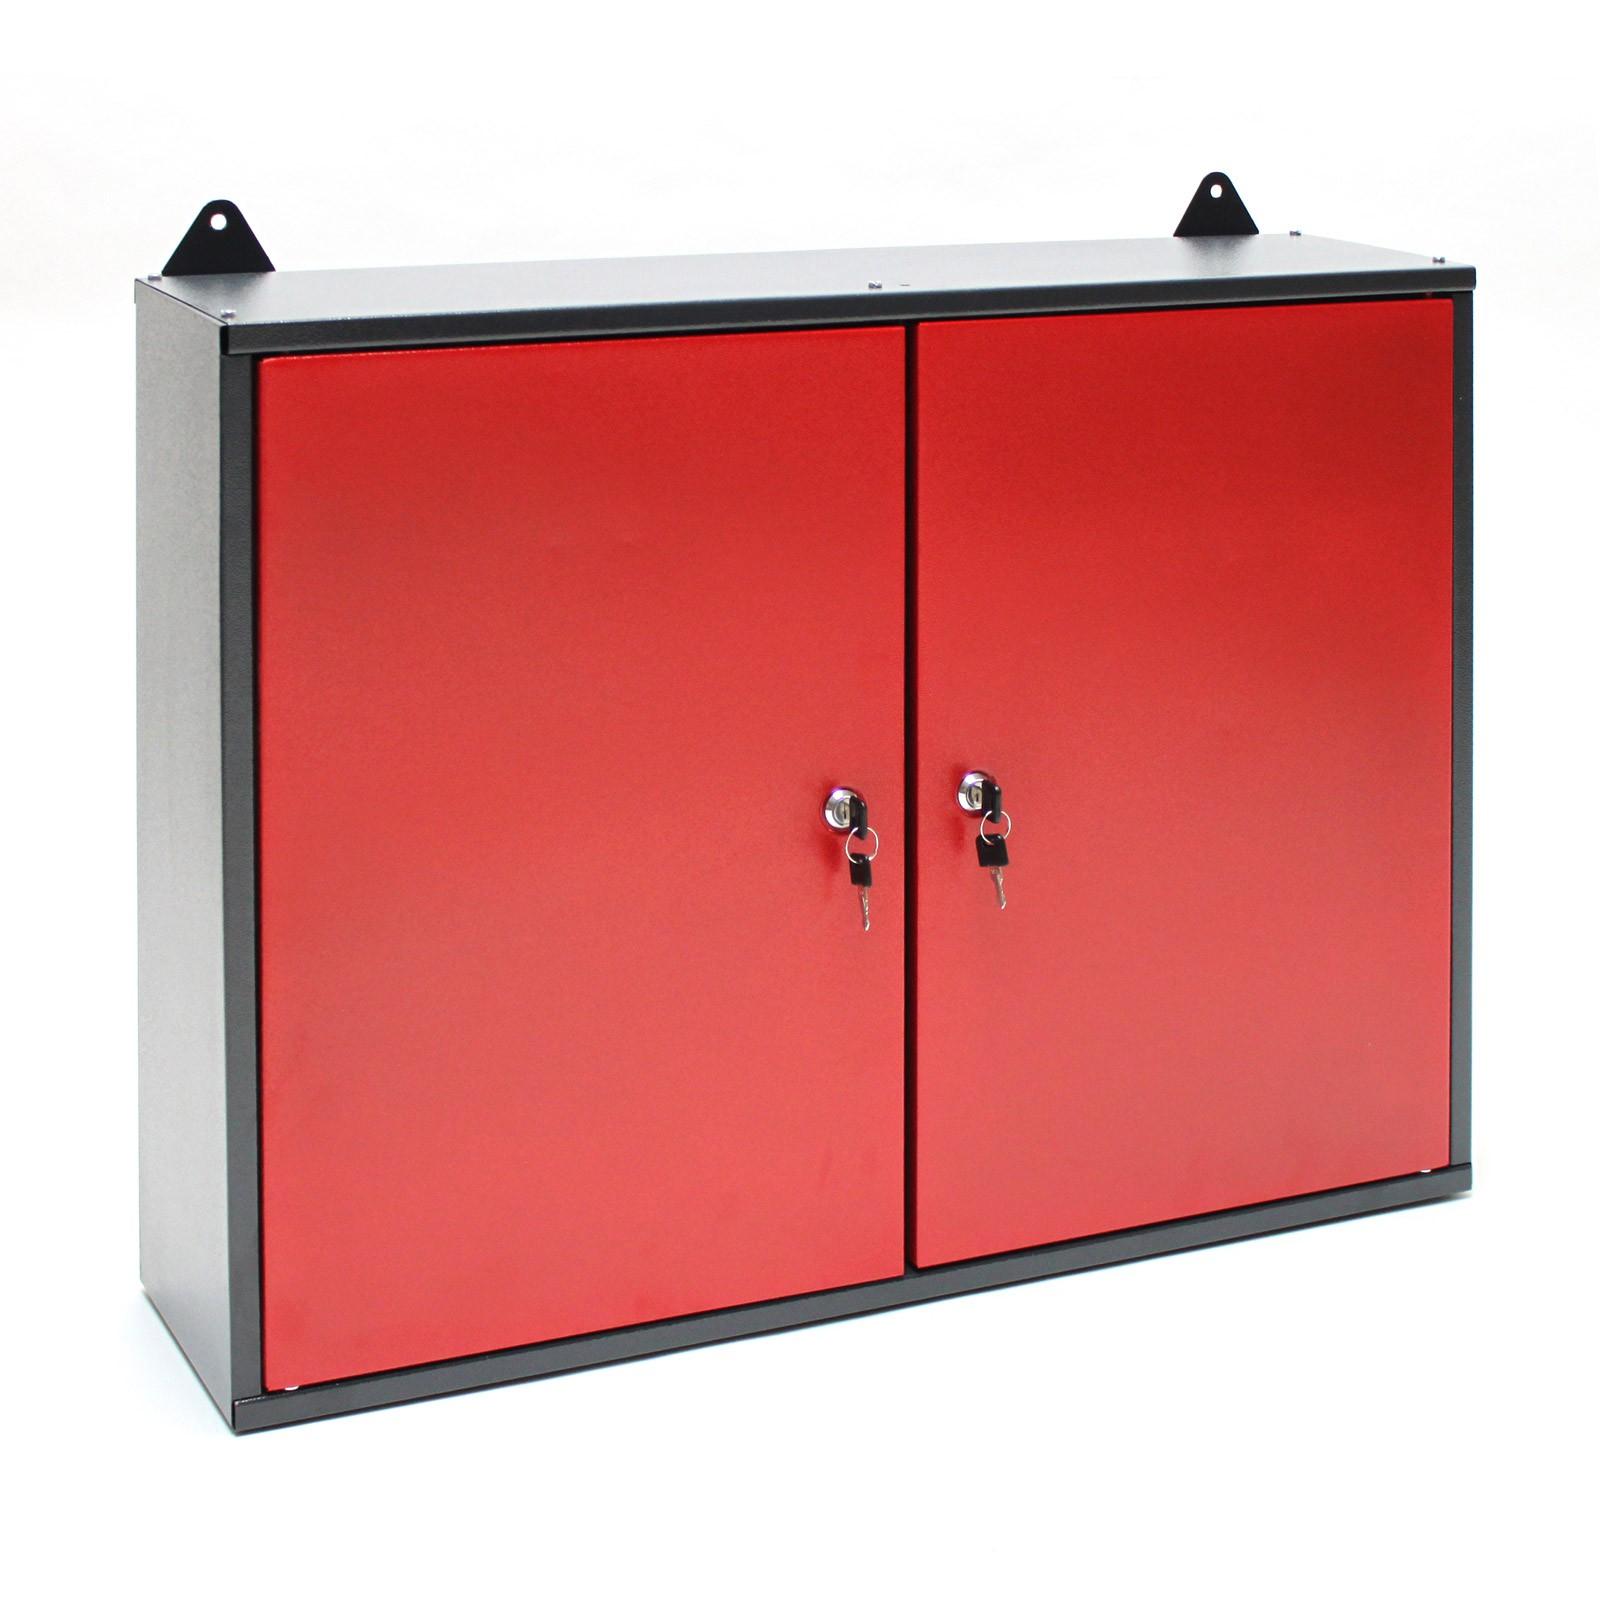 werkzeugschrank zum aufh ngen basic 2 t rig abschliessbar. Black Bedroom Furniture Sets. Home Design Ideas